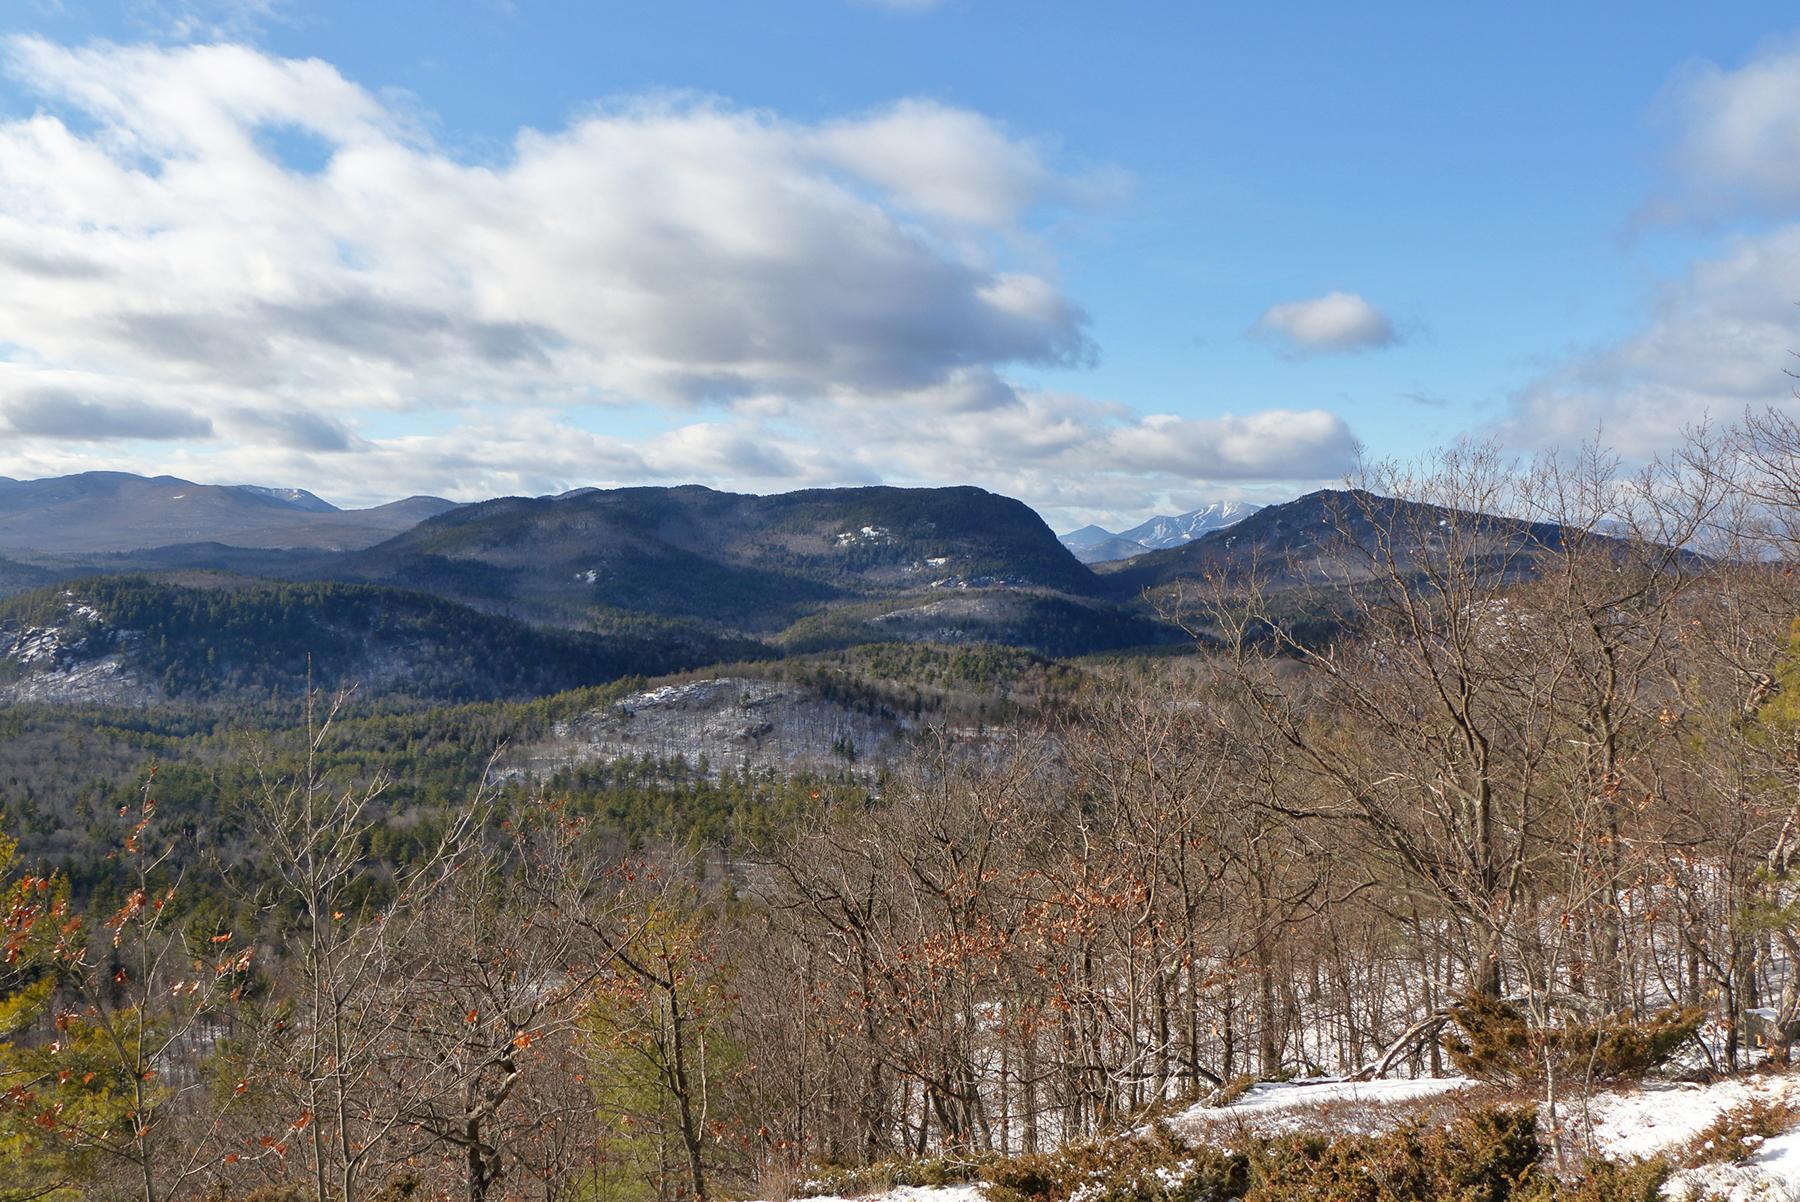 Baldface Mountain